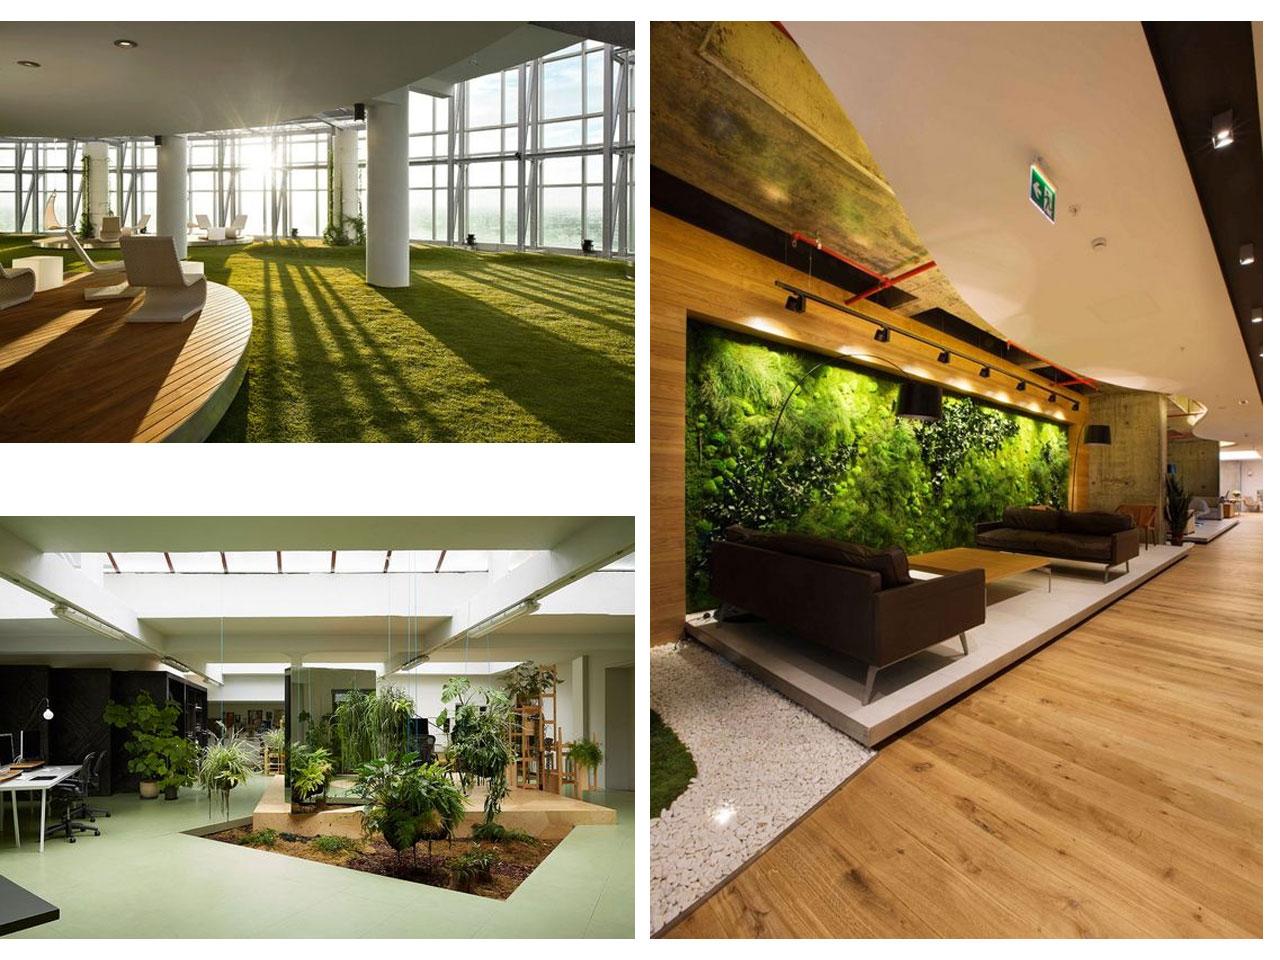 Tendencias oficinas 2016 2017 dise o de interiores for Disenos de interiores para oficinas